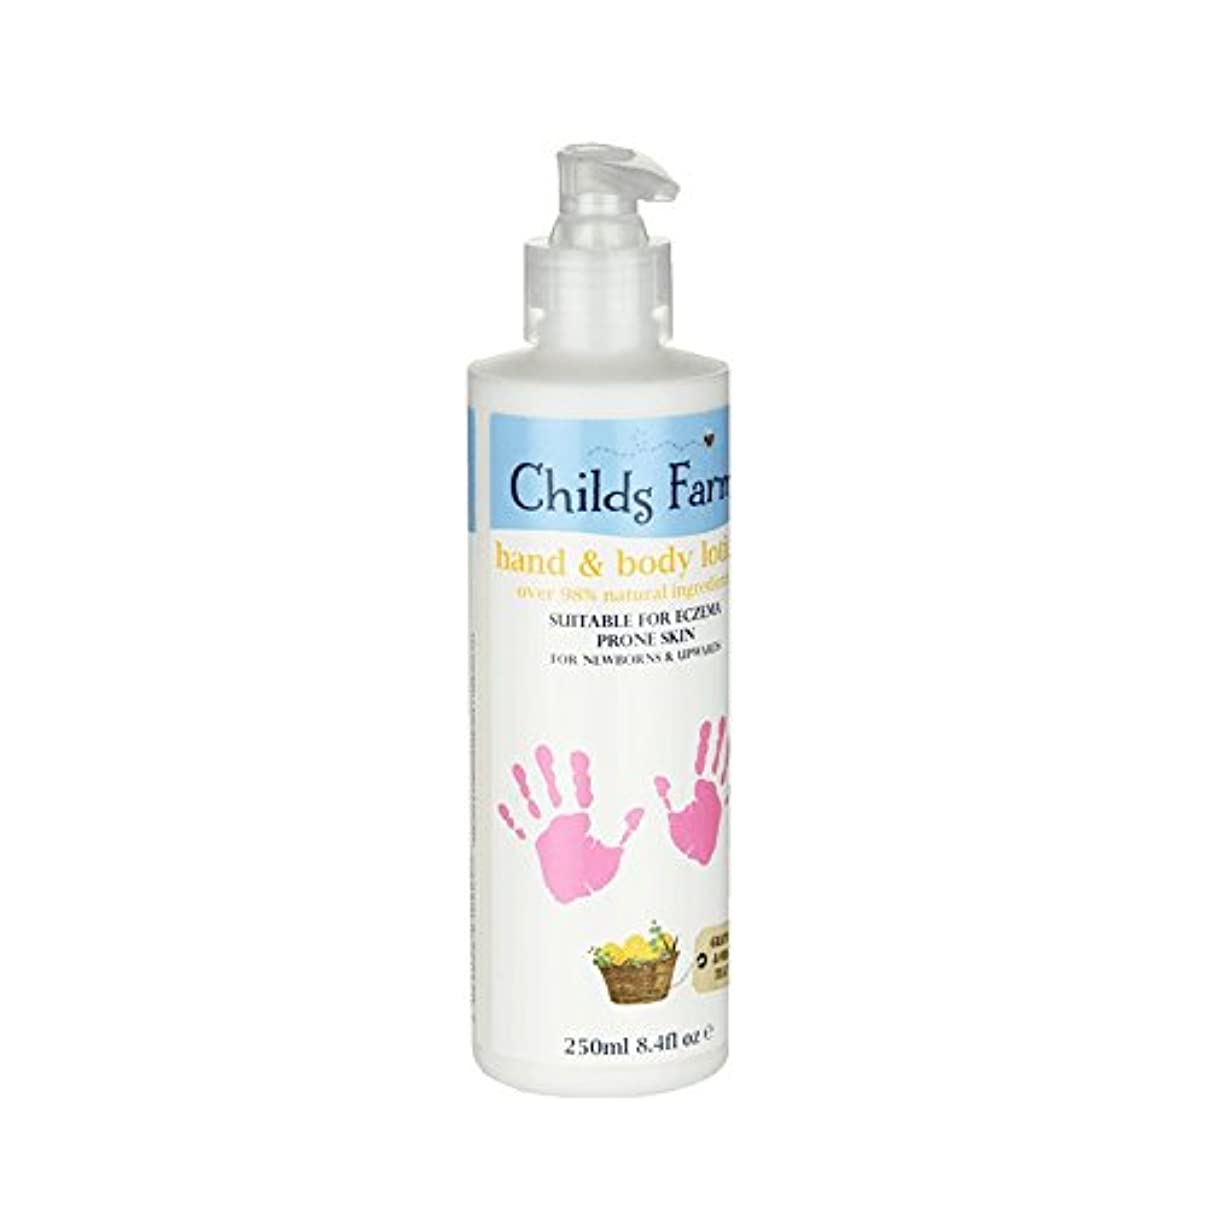 オン顔料正規化絹のような肌の250ミリリットルのためのチャイルズファームハンド&ボディローション - Childs Farm Hand & Body Lotion for Silky Skin 250ml (Childs Farm) [並行輸入品]